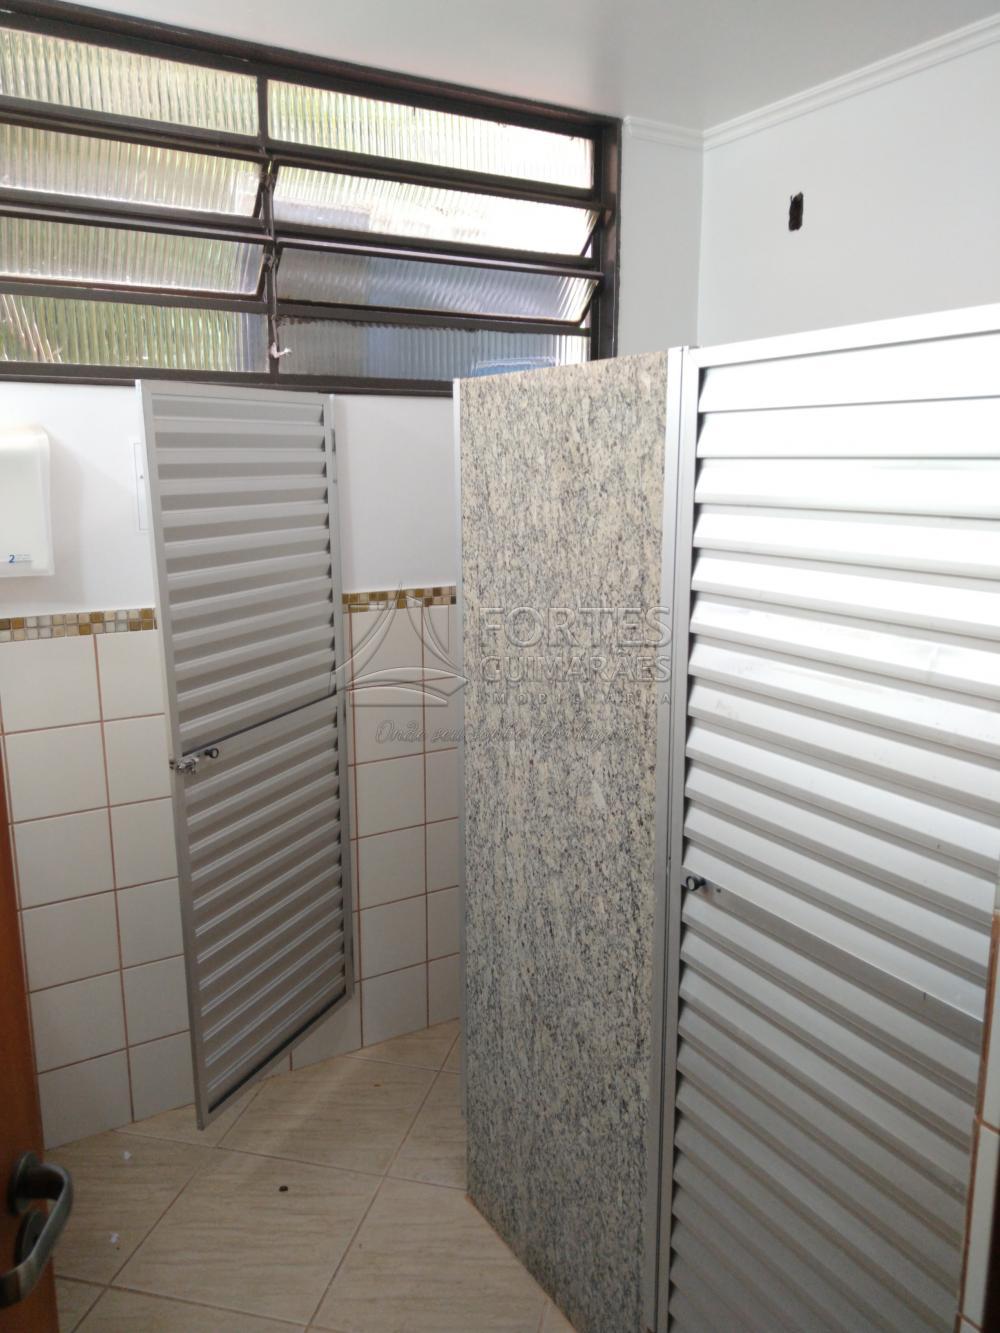 Alugar Comercial / Imóvel Comercial em Ribeirão Preto apenas R$ 12.000,00 - Foto 106